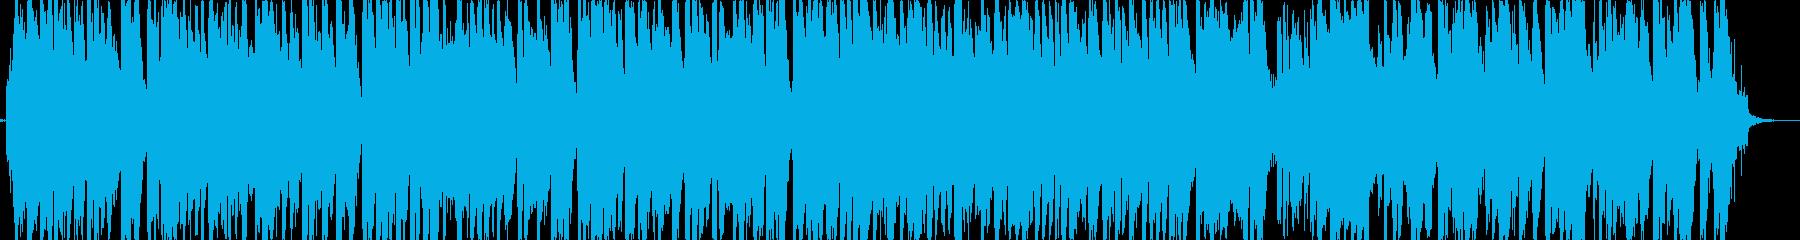 【サビ頭】春満載♫西野カナ風の再生済みの波形